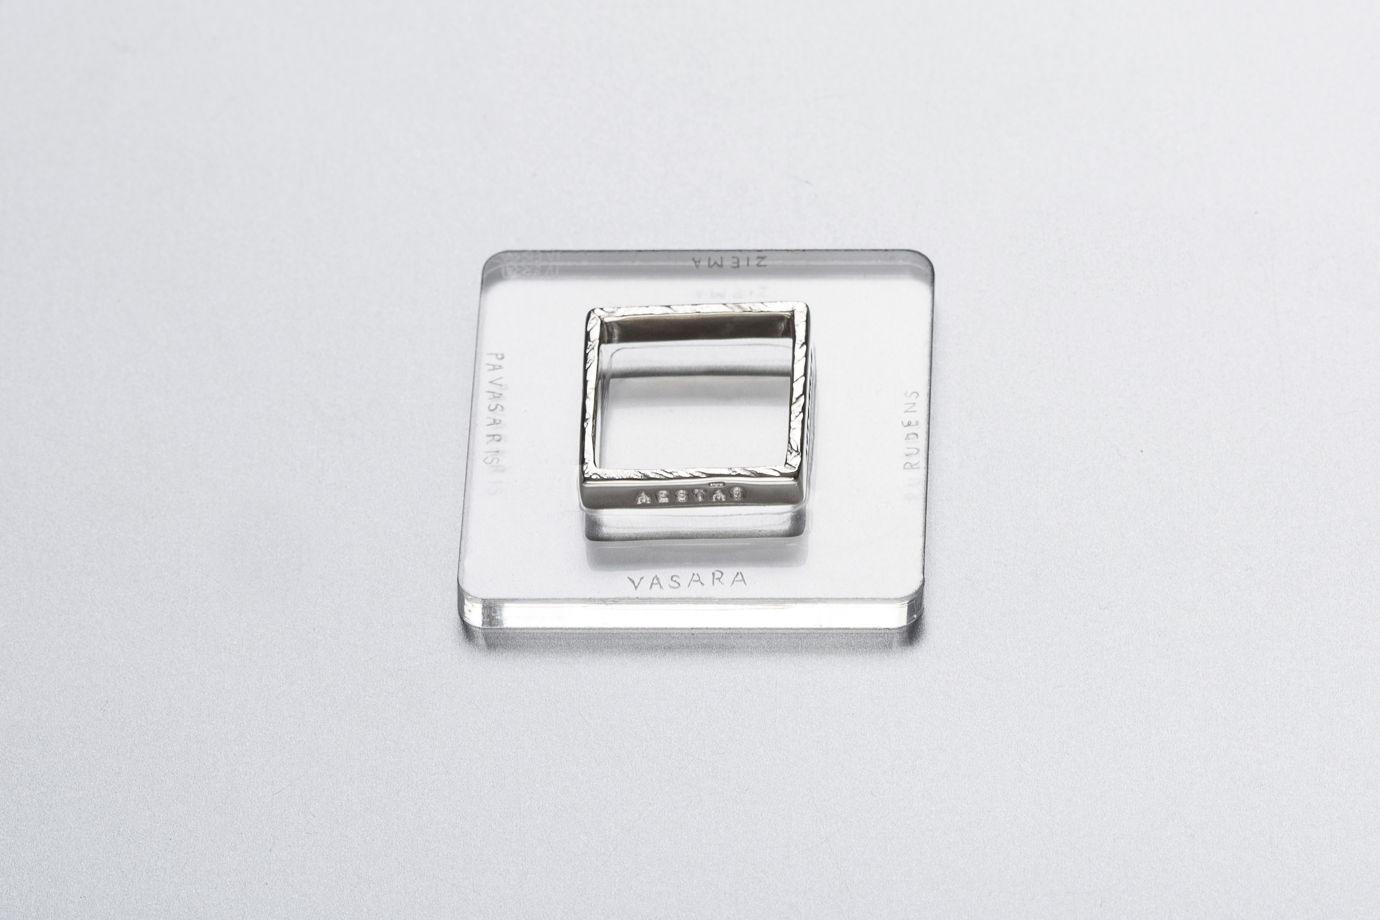 Квадратное кольцо из серебра с надписью на латыни